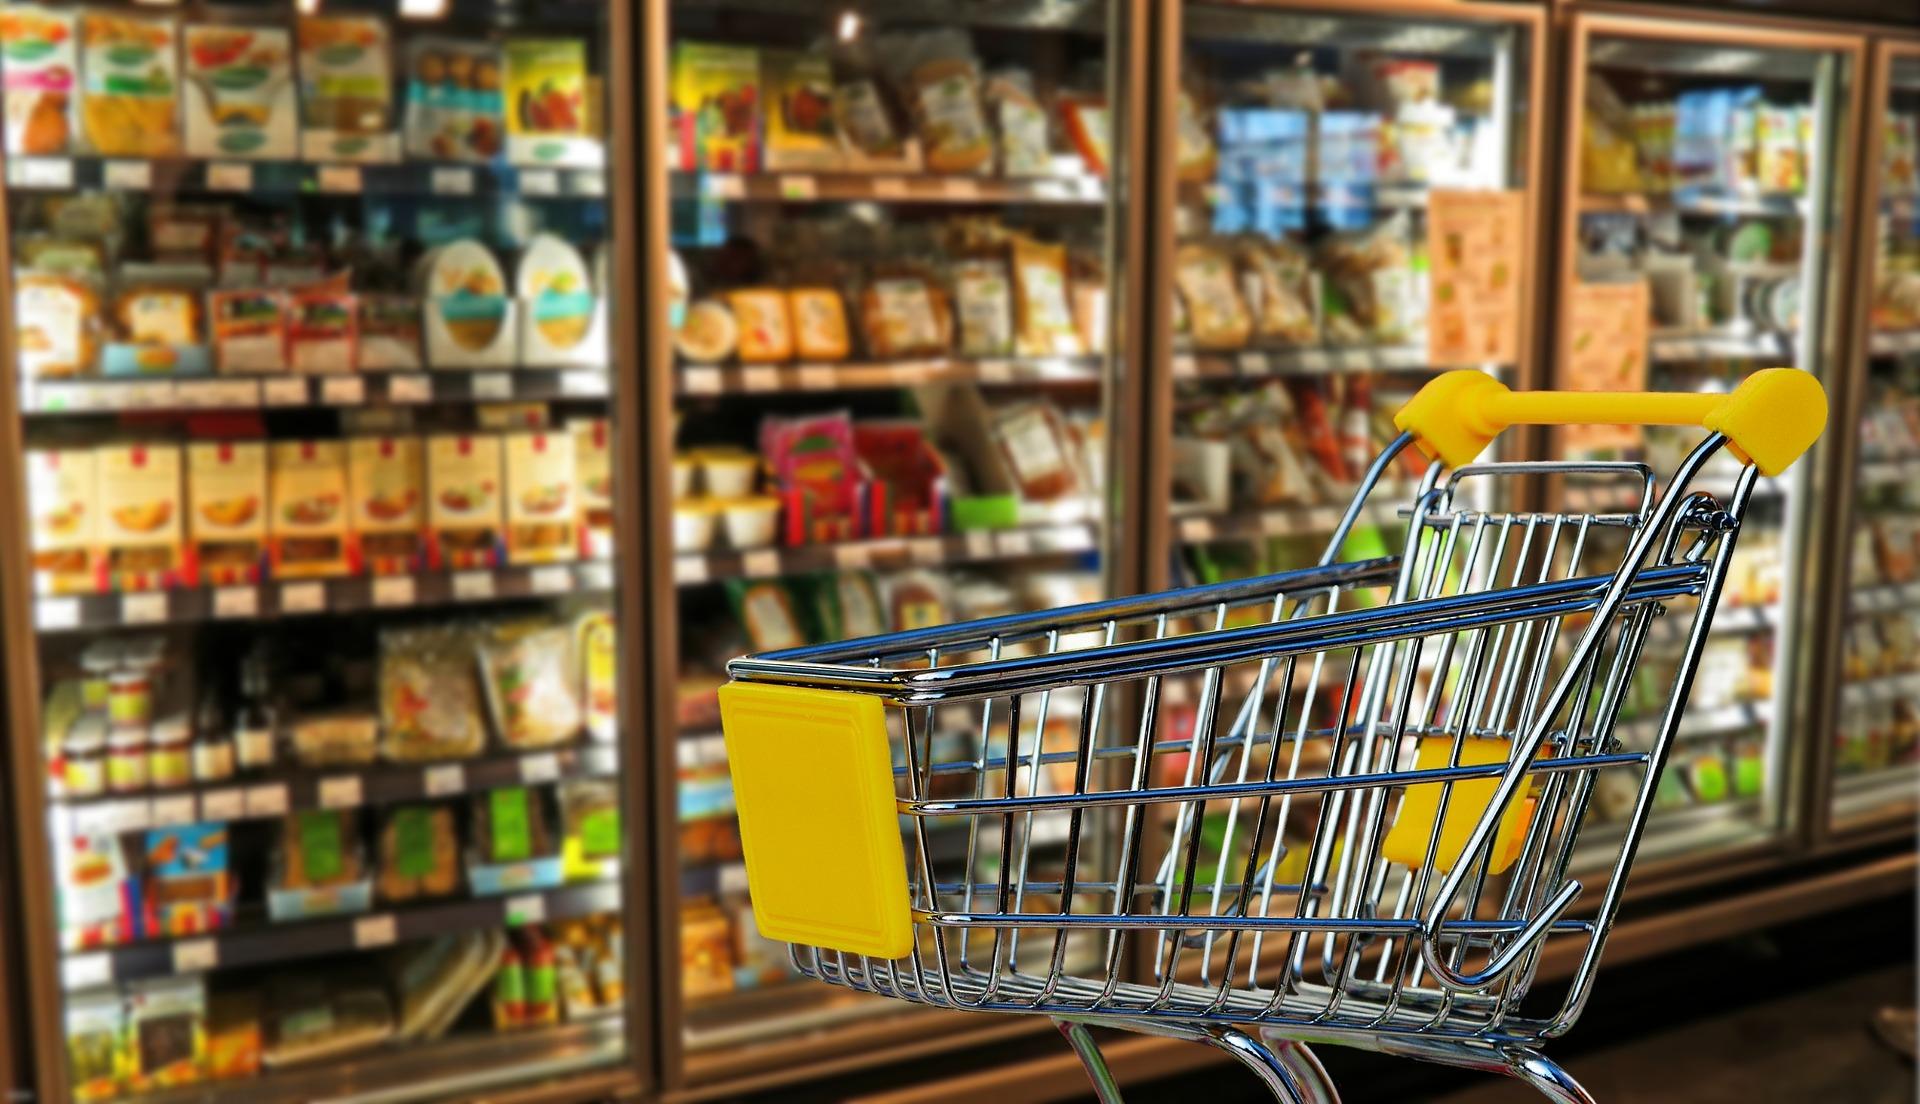 Richiamato prodotto dai supermercati per rischio chimico